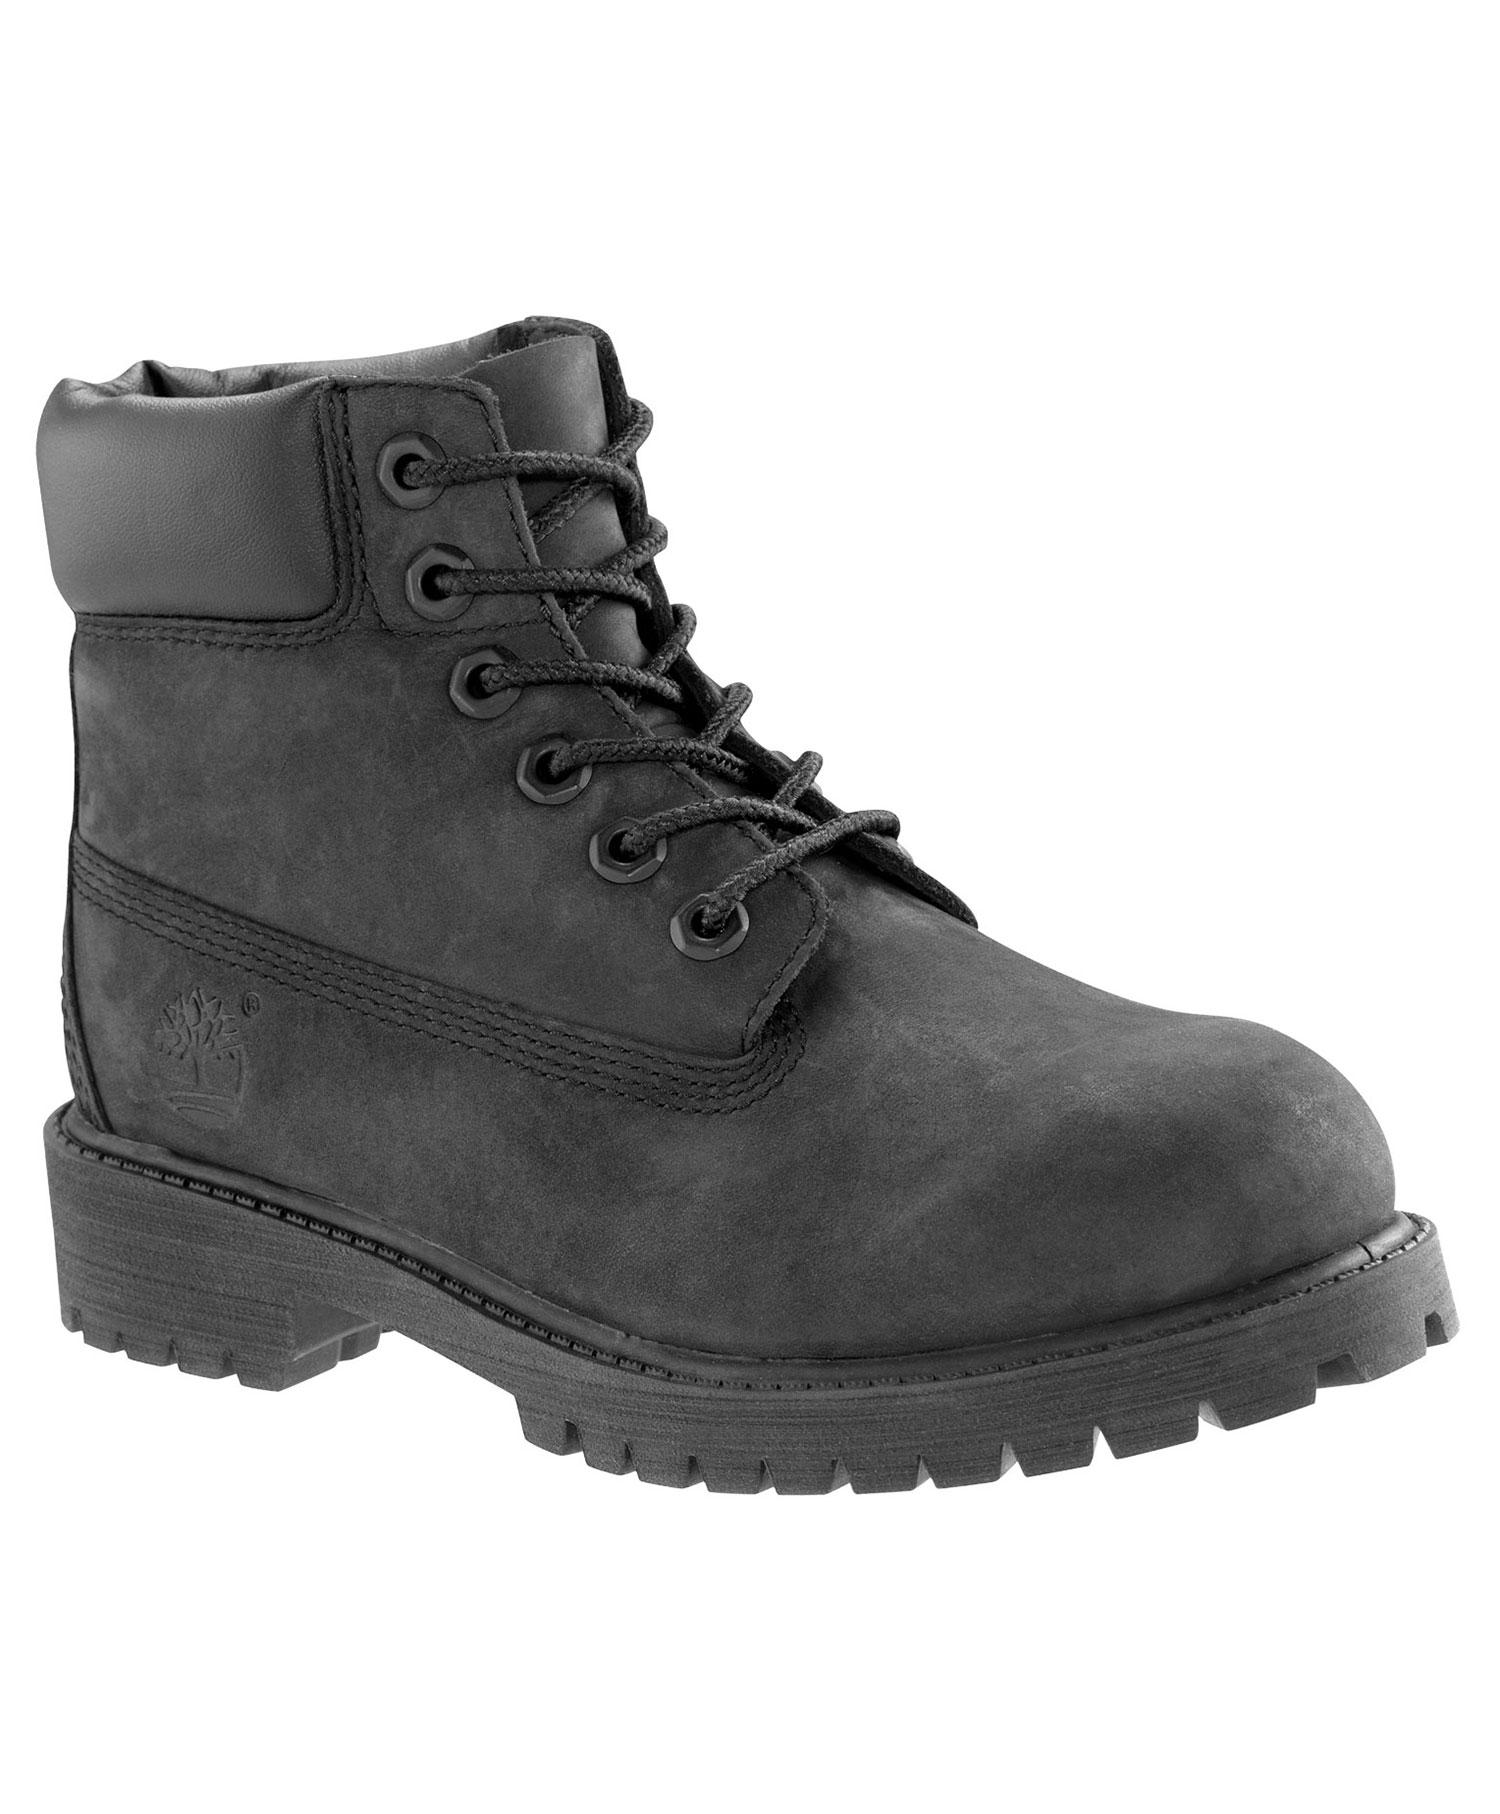 Timberland Premium Boot